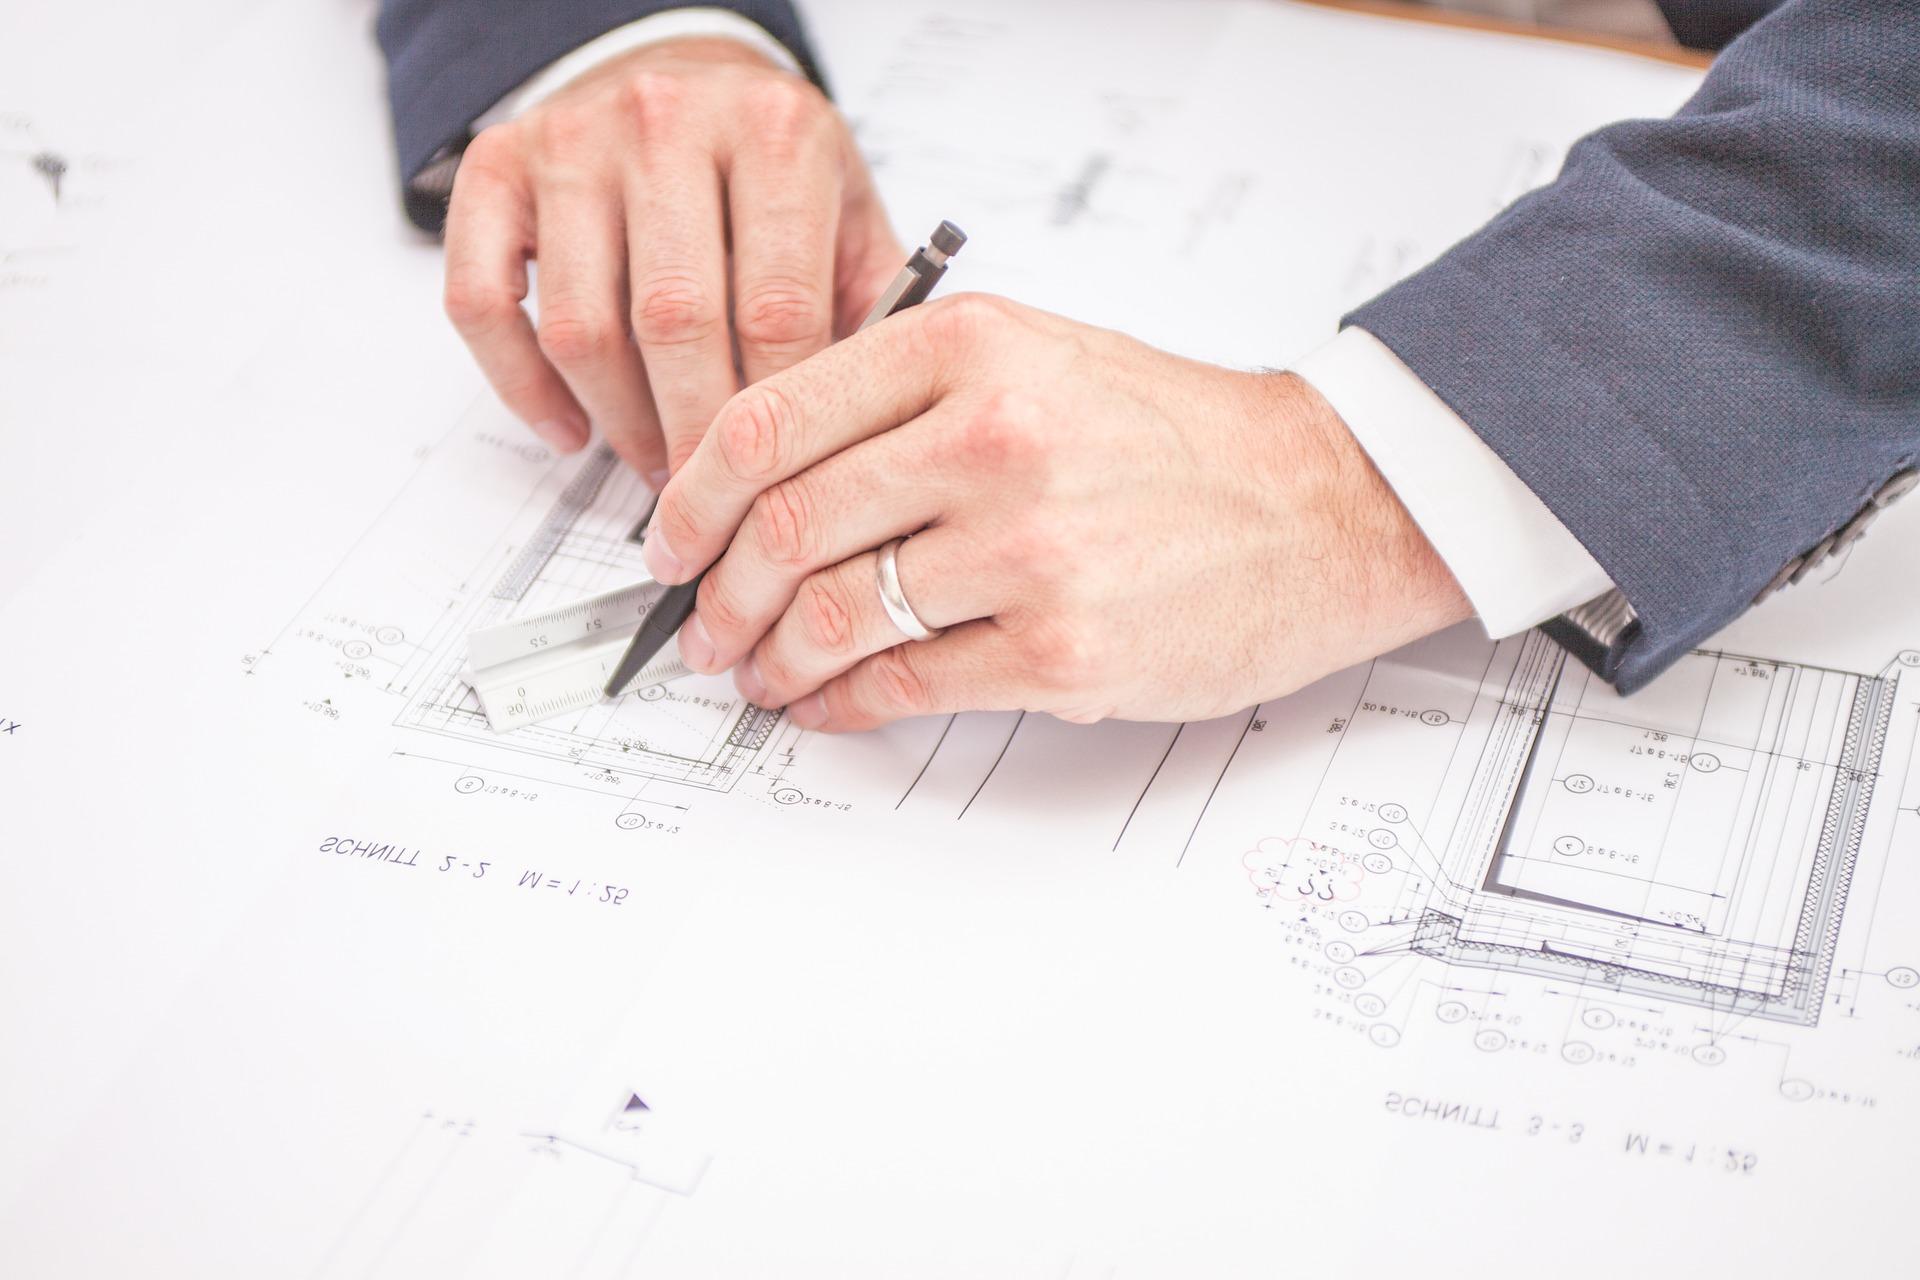 Czym zajmuje się architekt?